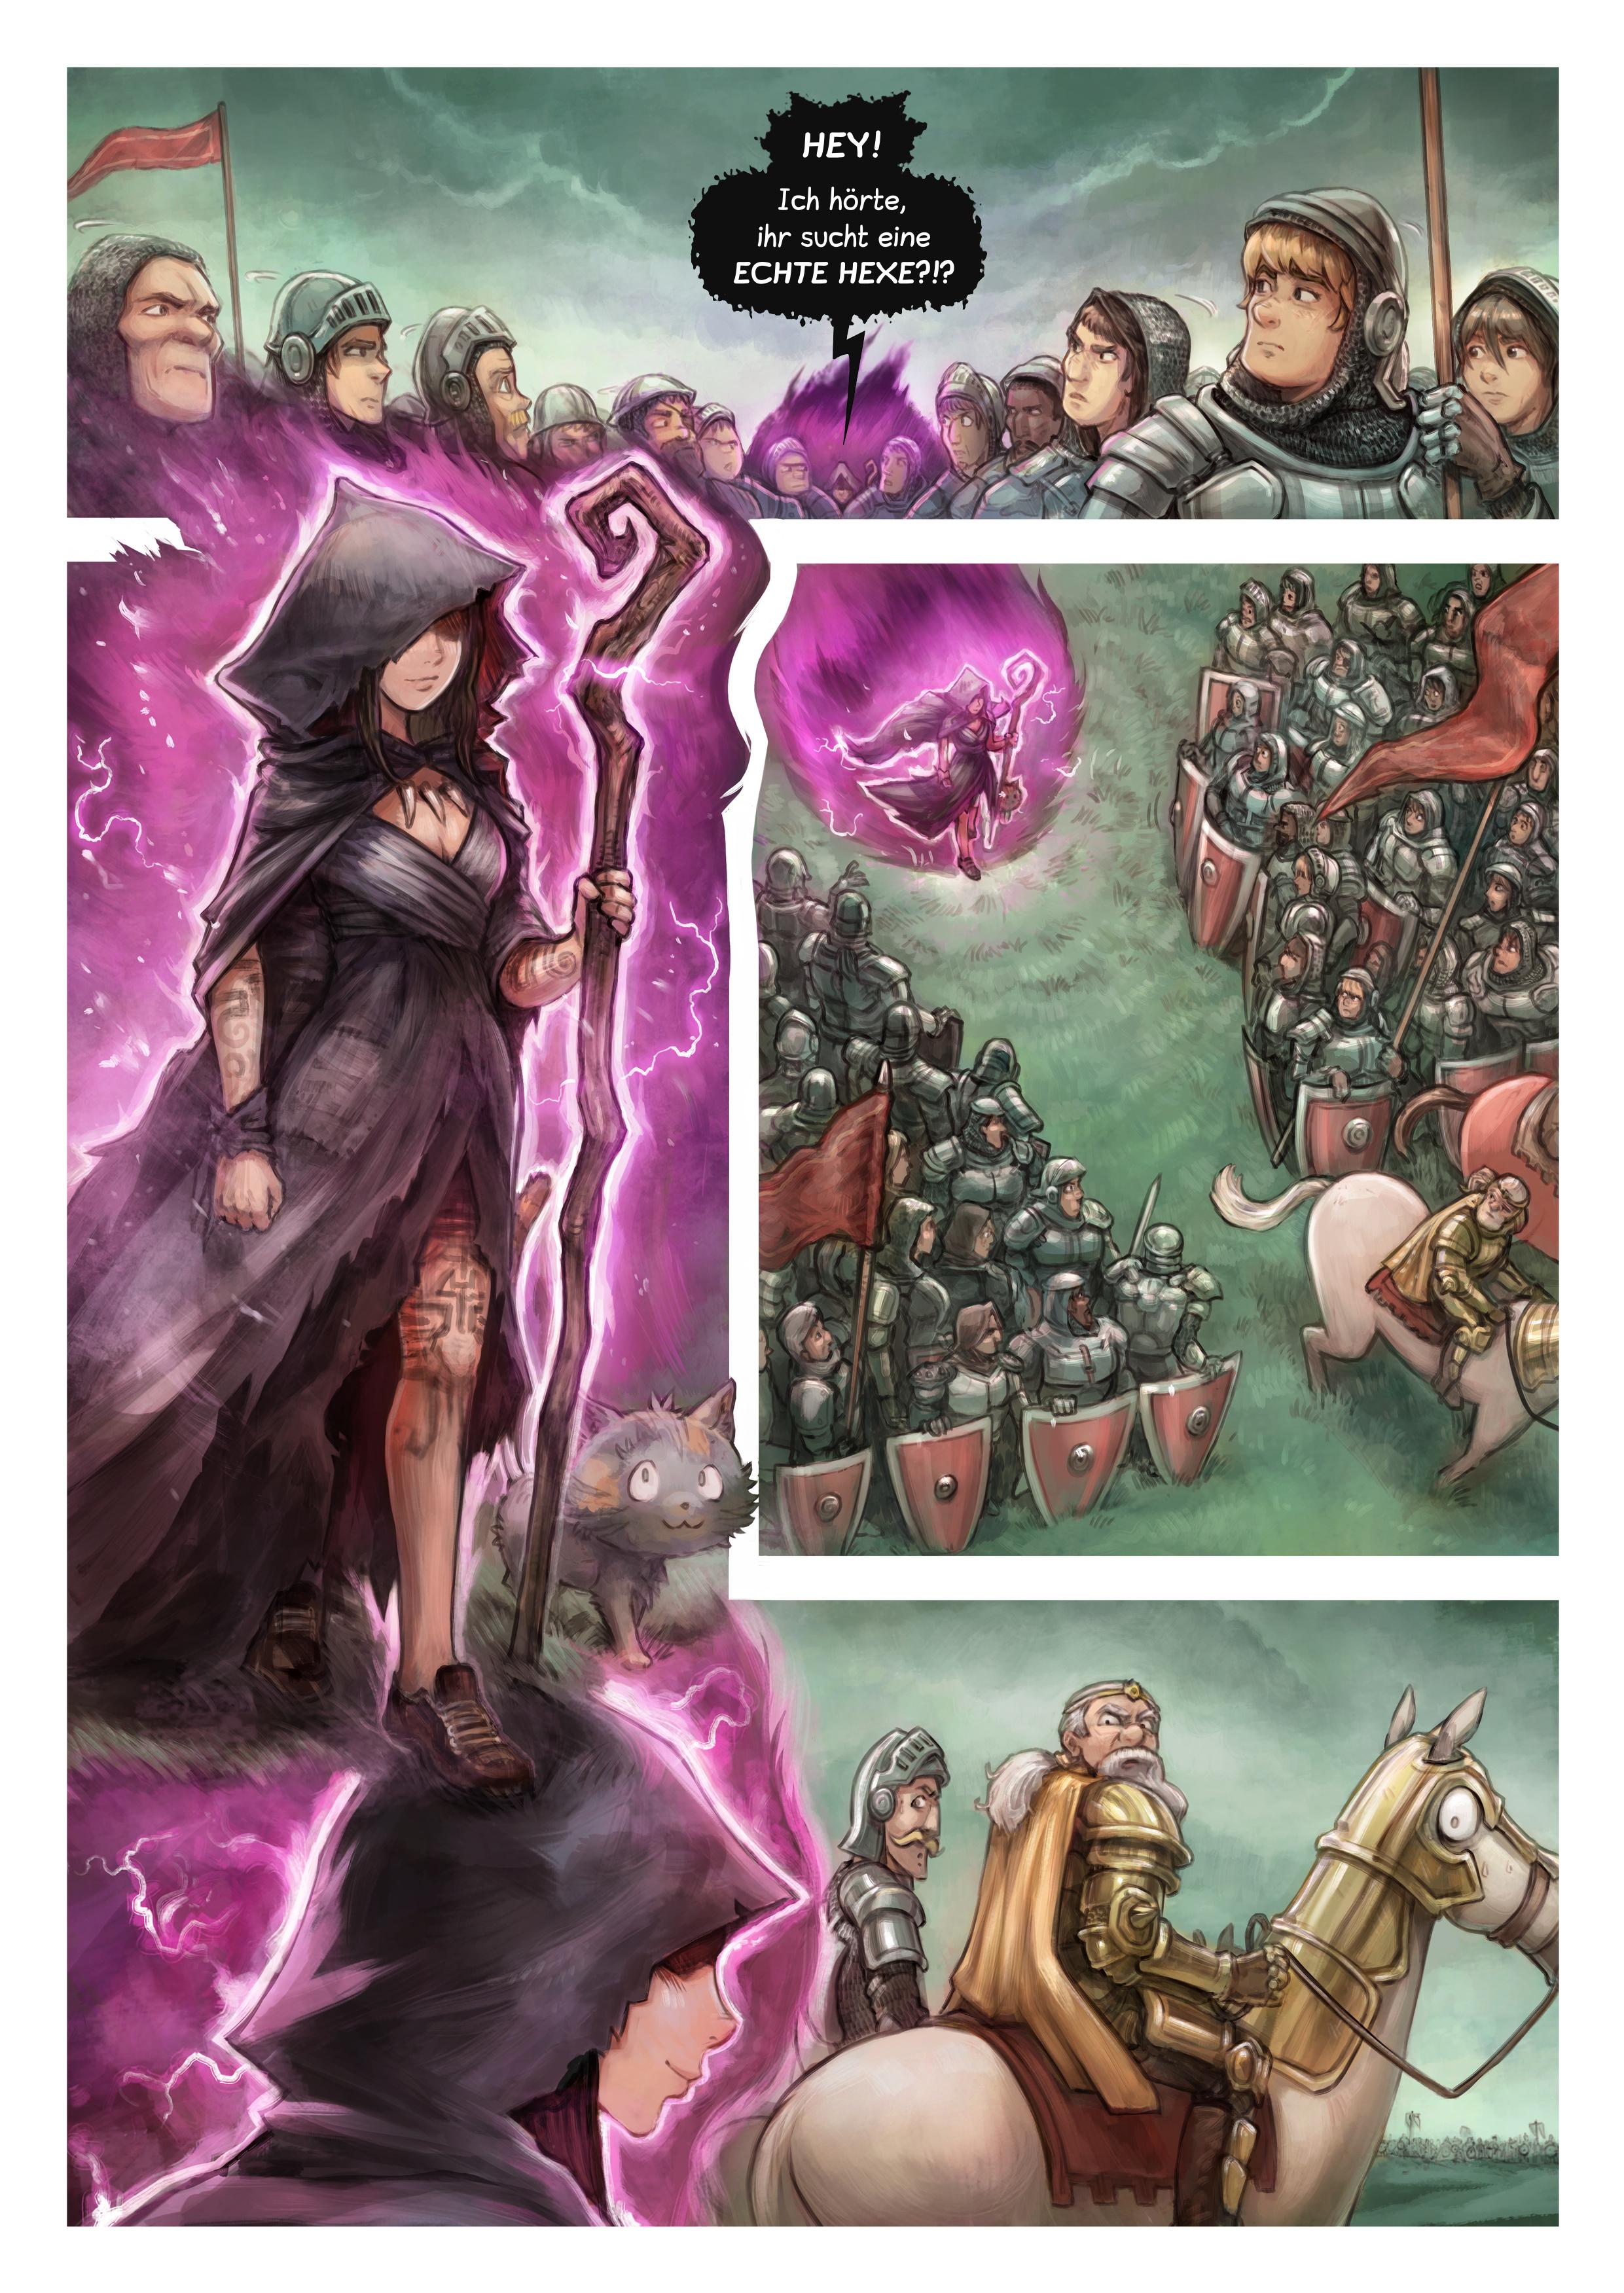 Episode 32: Das Schlachtfeld, Page 6